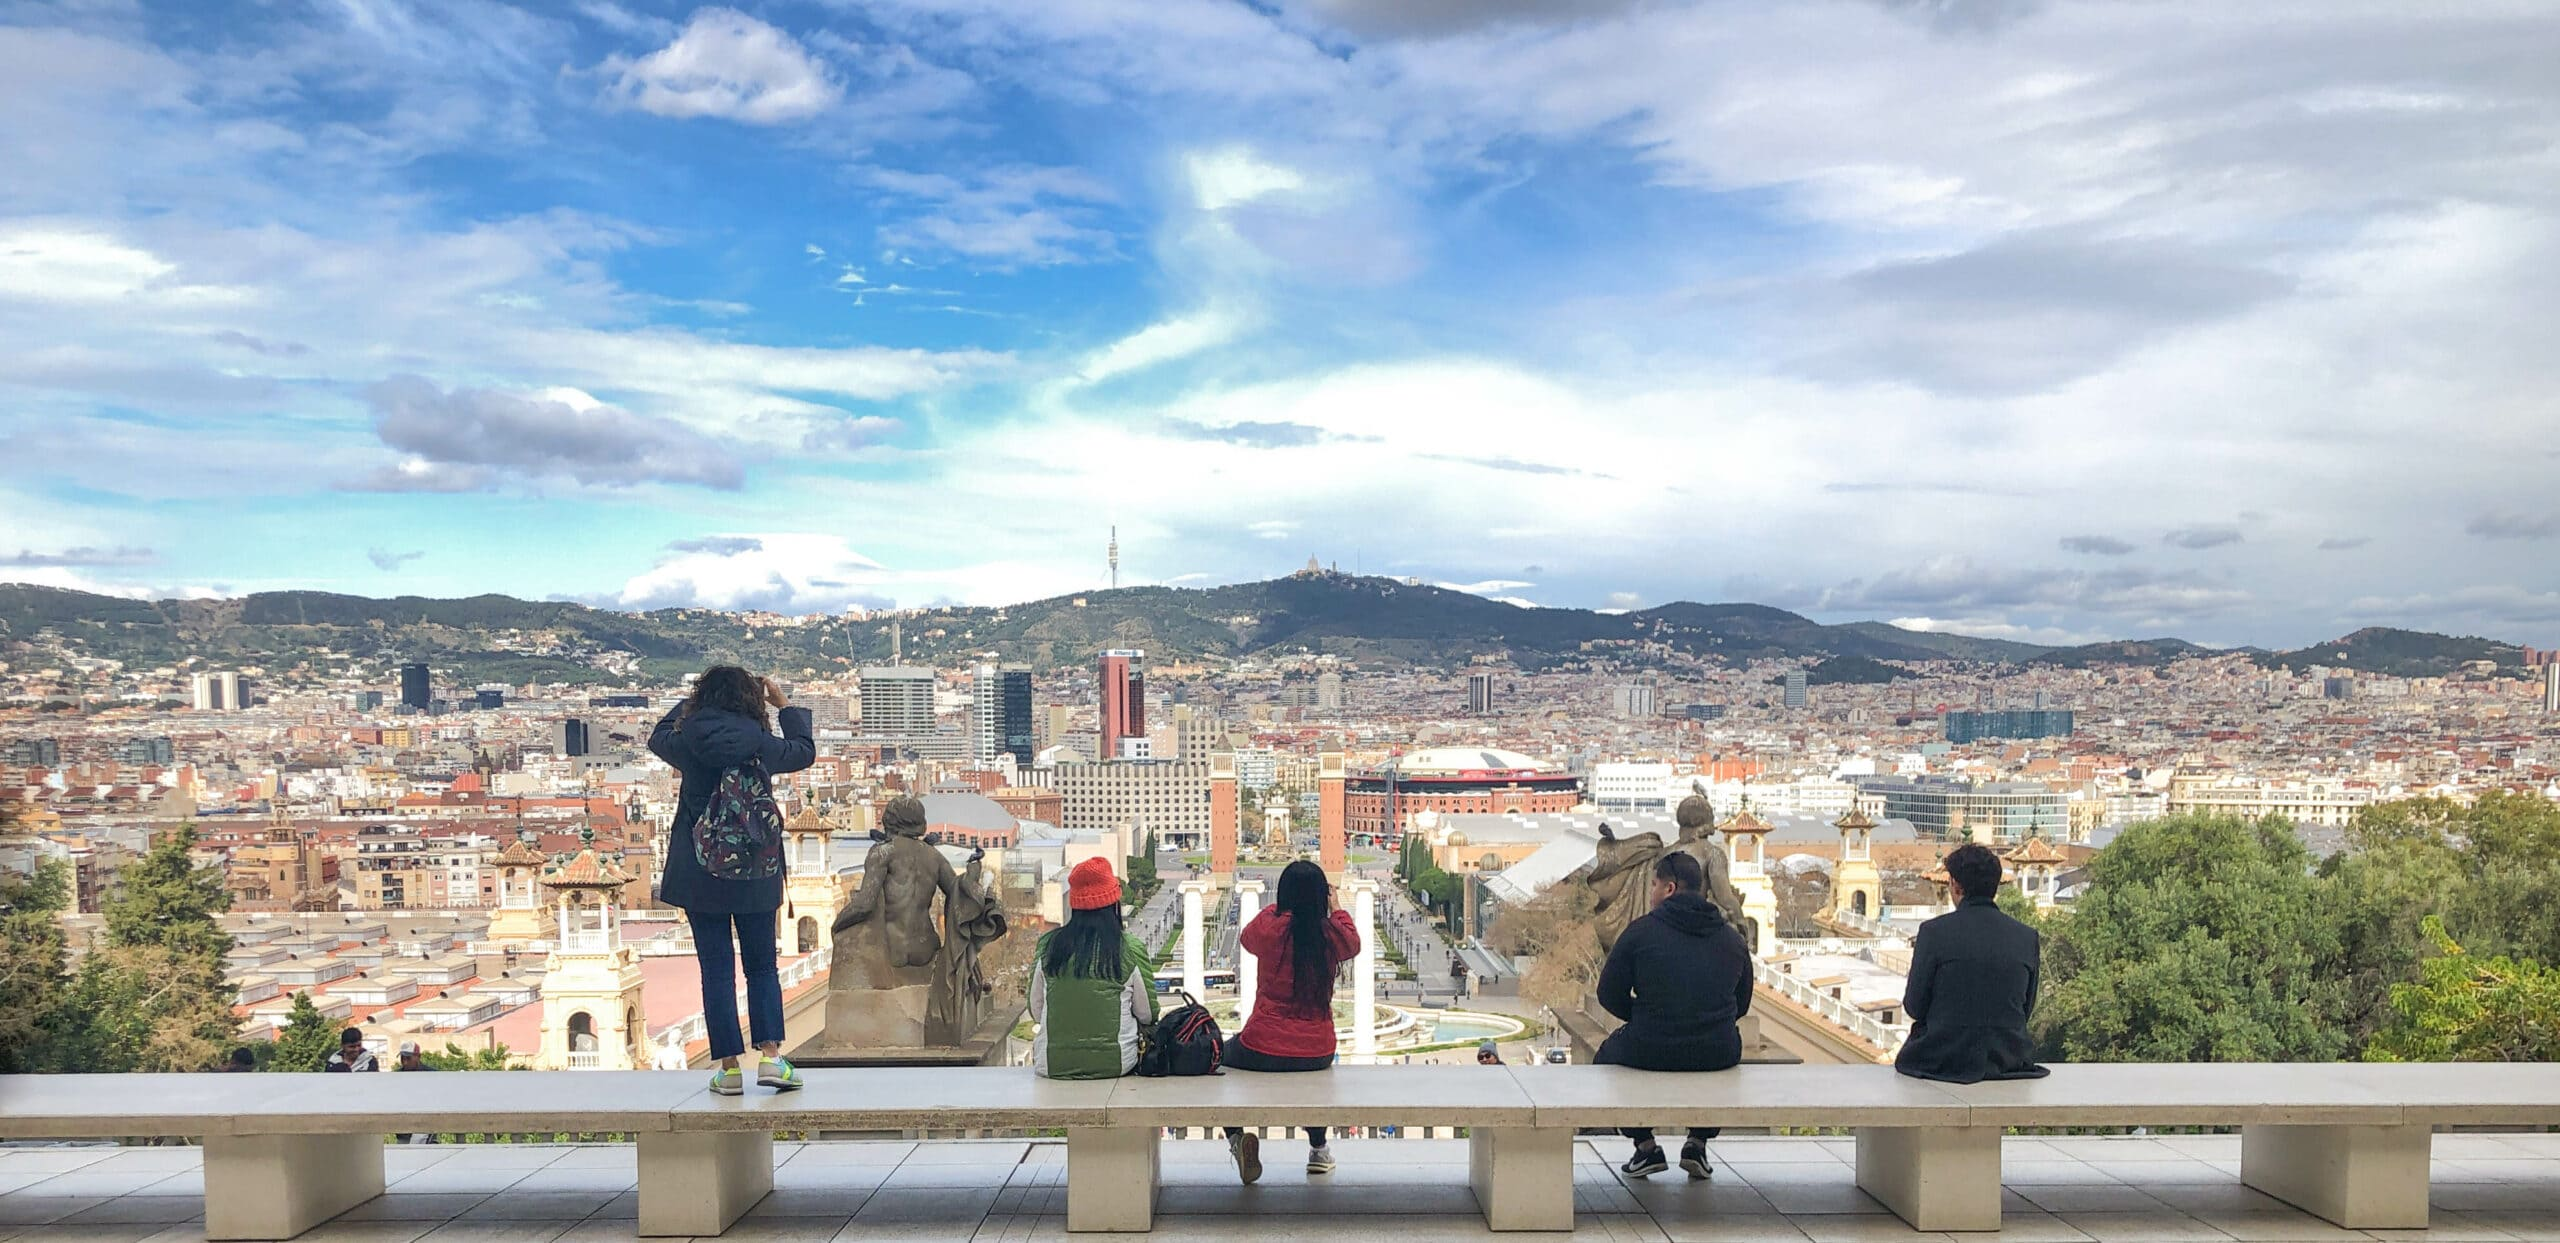 Museu National d'Art de Catalunya, Barcelona - Aussicht